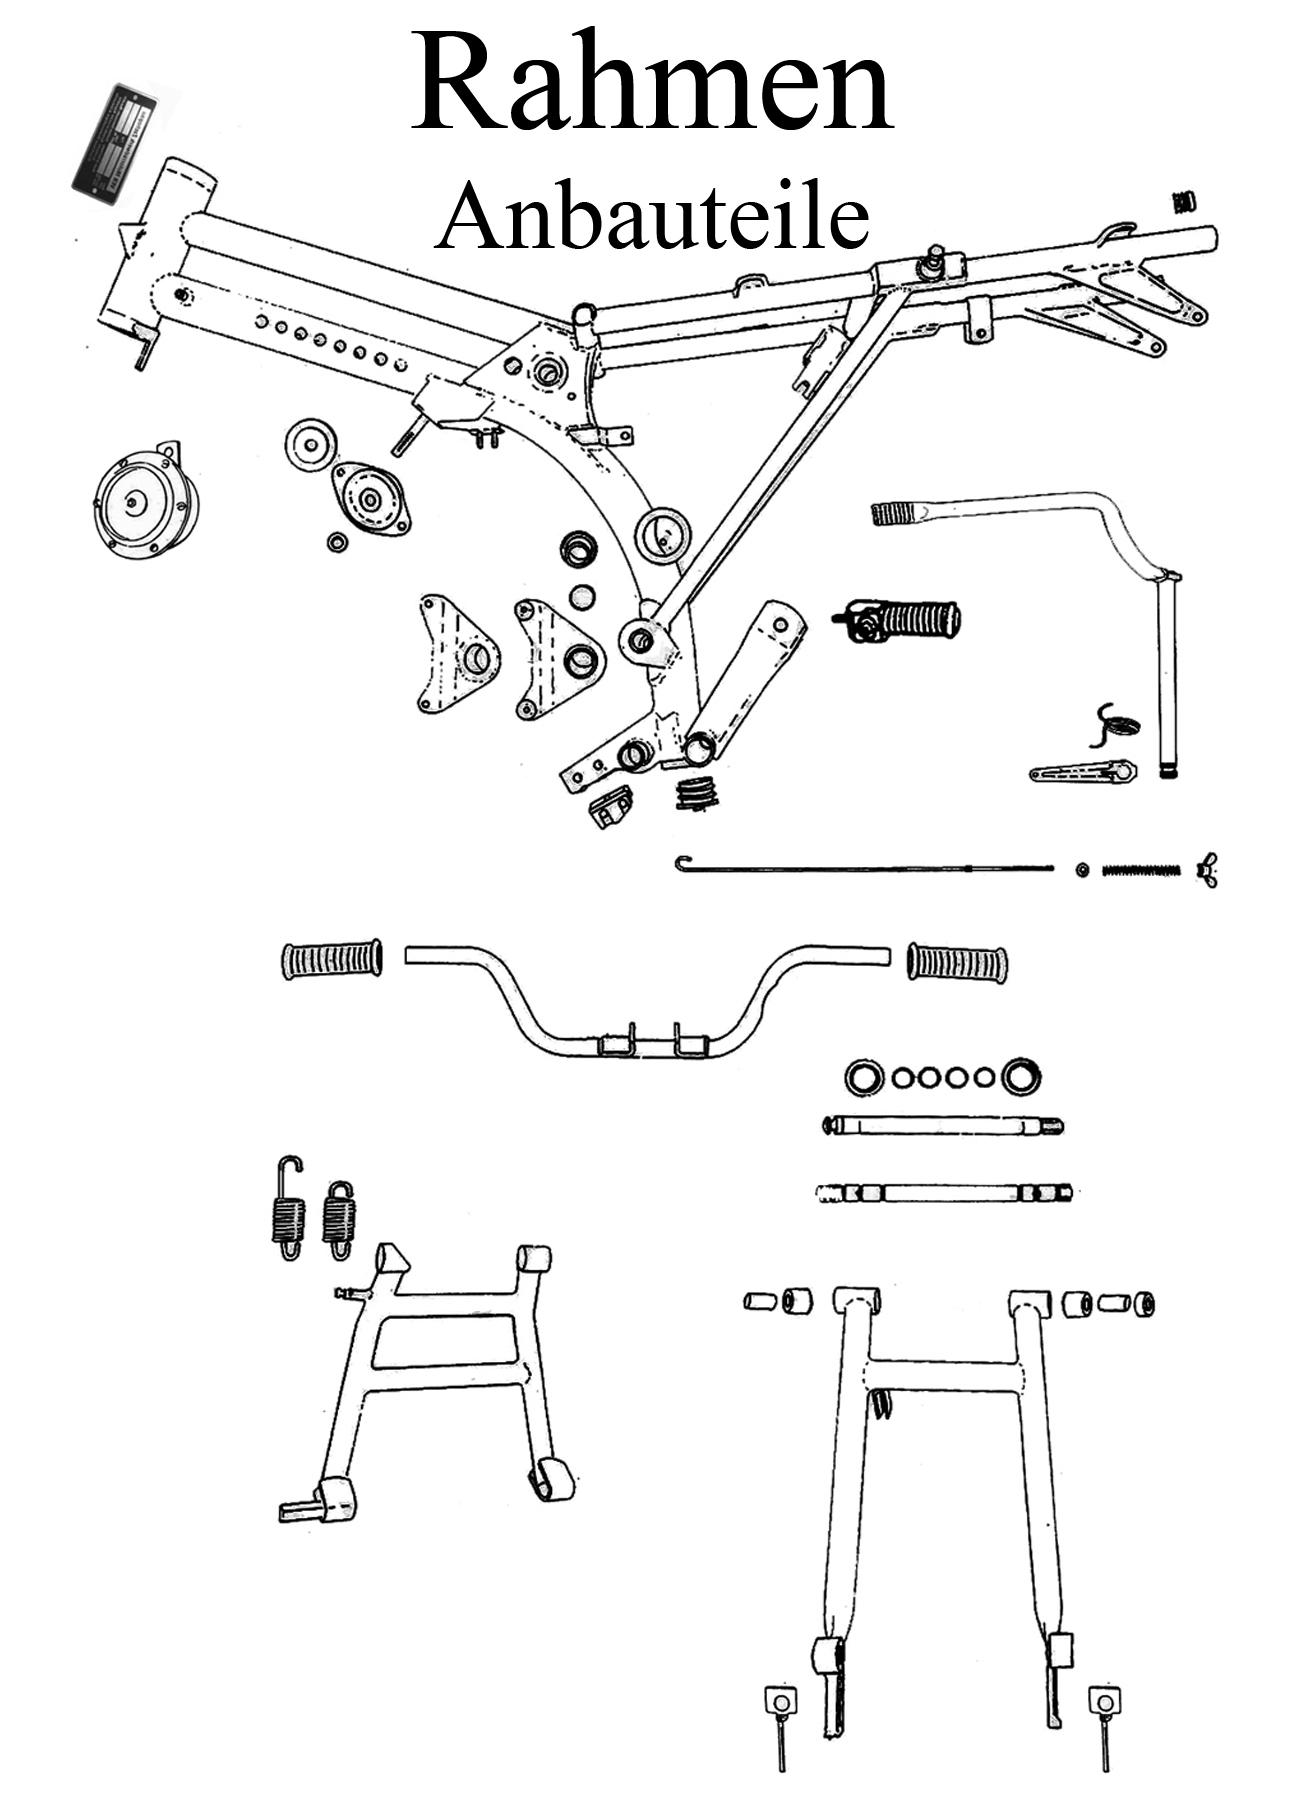 MZ TS 250/0-1 Ersatzteile Rahmen Anbauteile